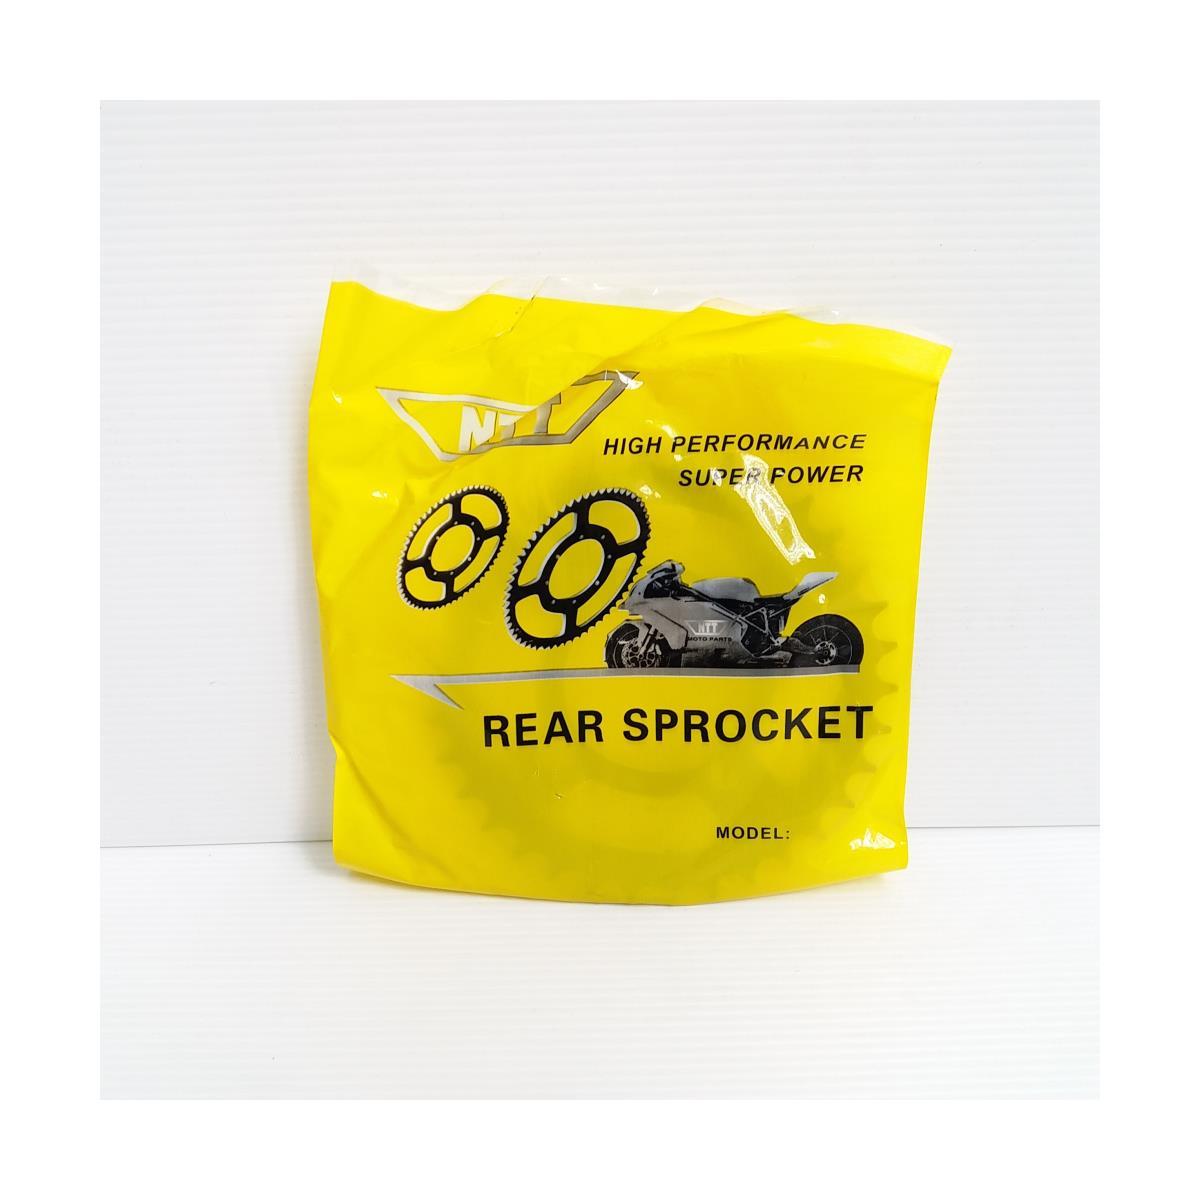 REAR SPROCKET EX5 34T (428)(NTT)